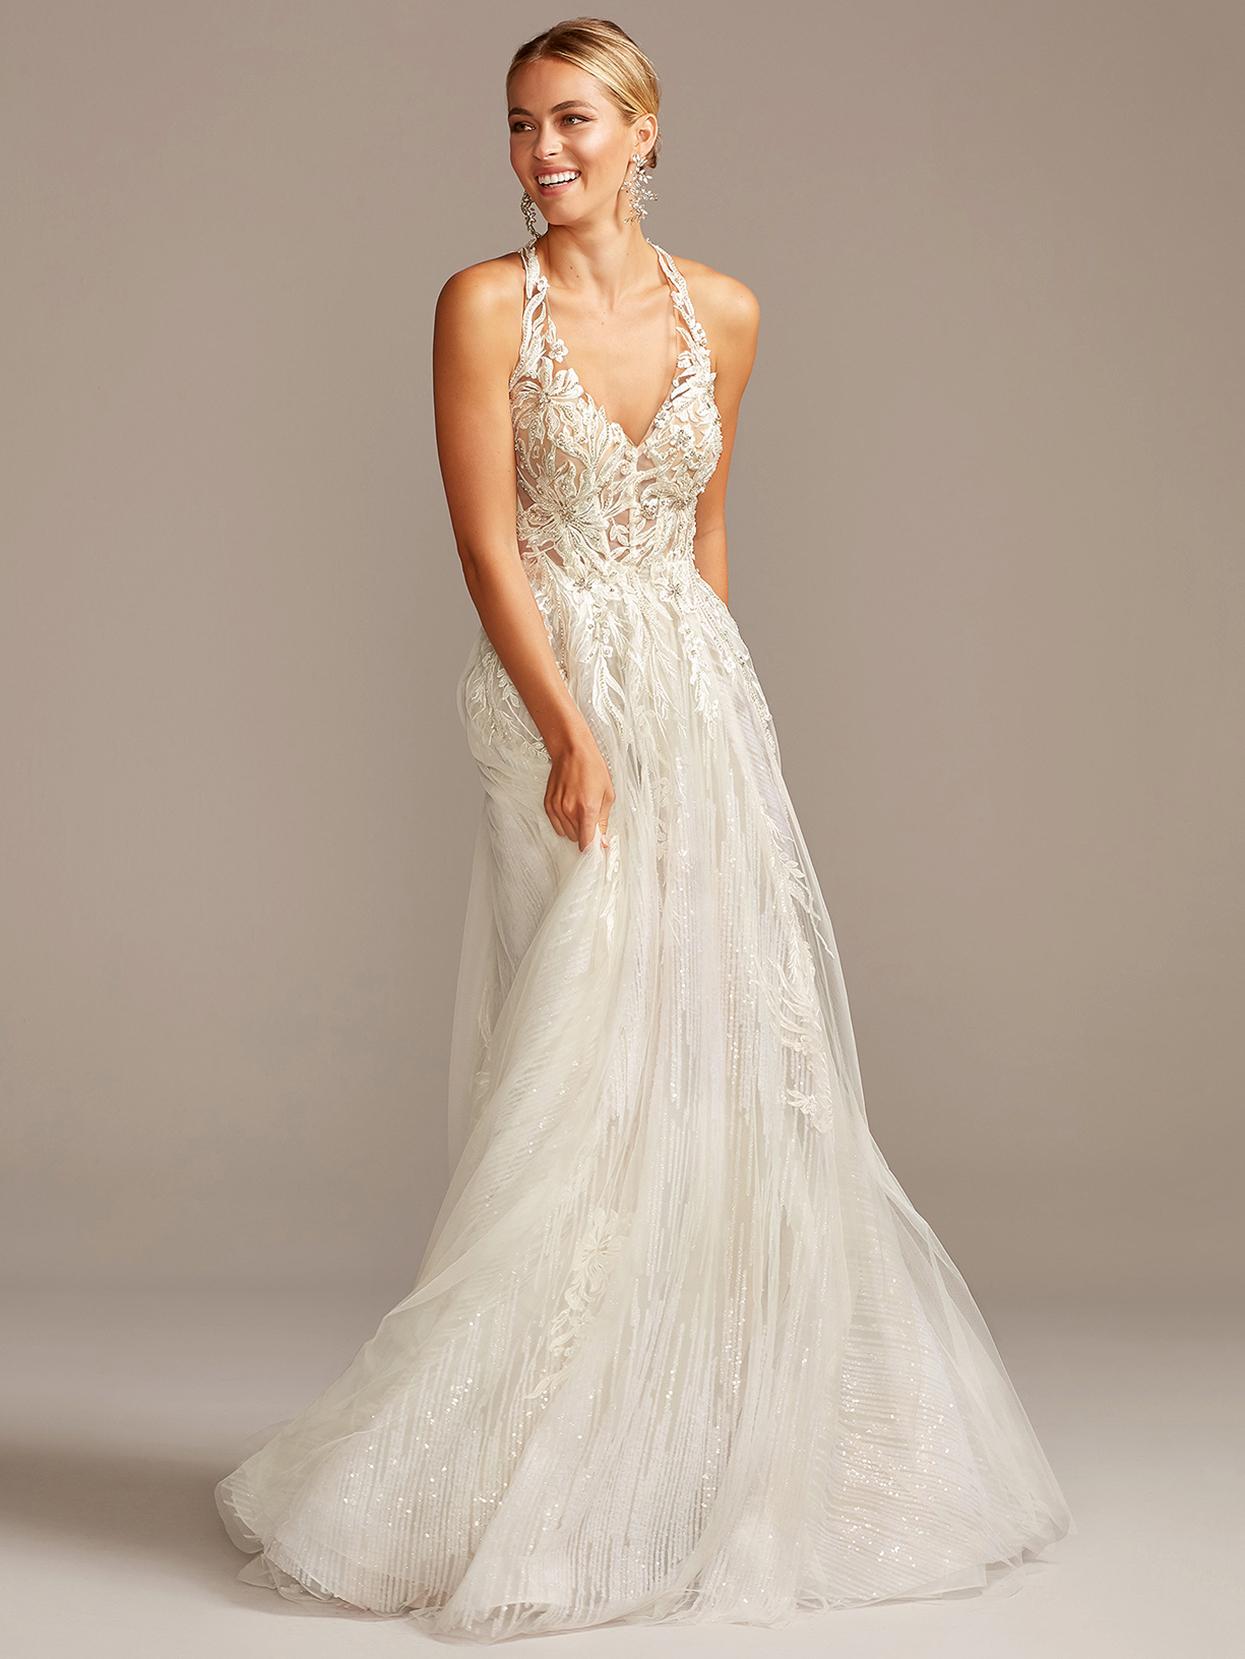 davids bridal galina embroidered a-line v-neck wedding dress fall 2020